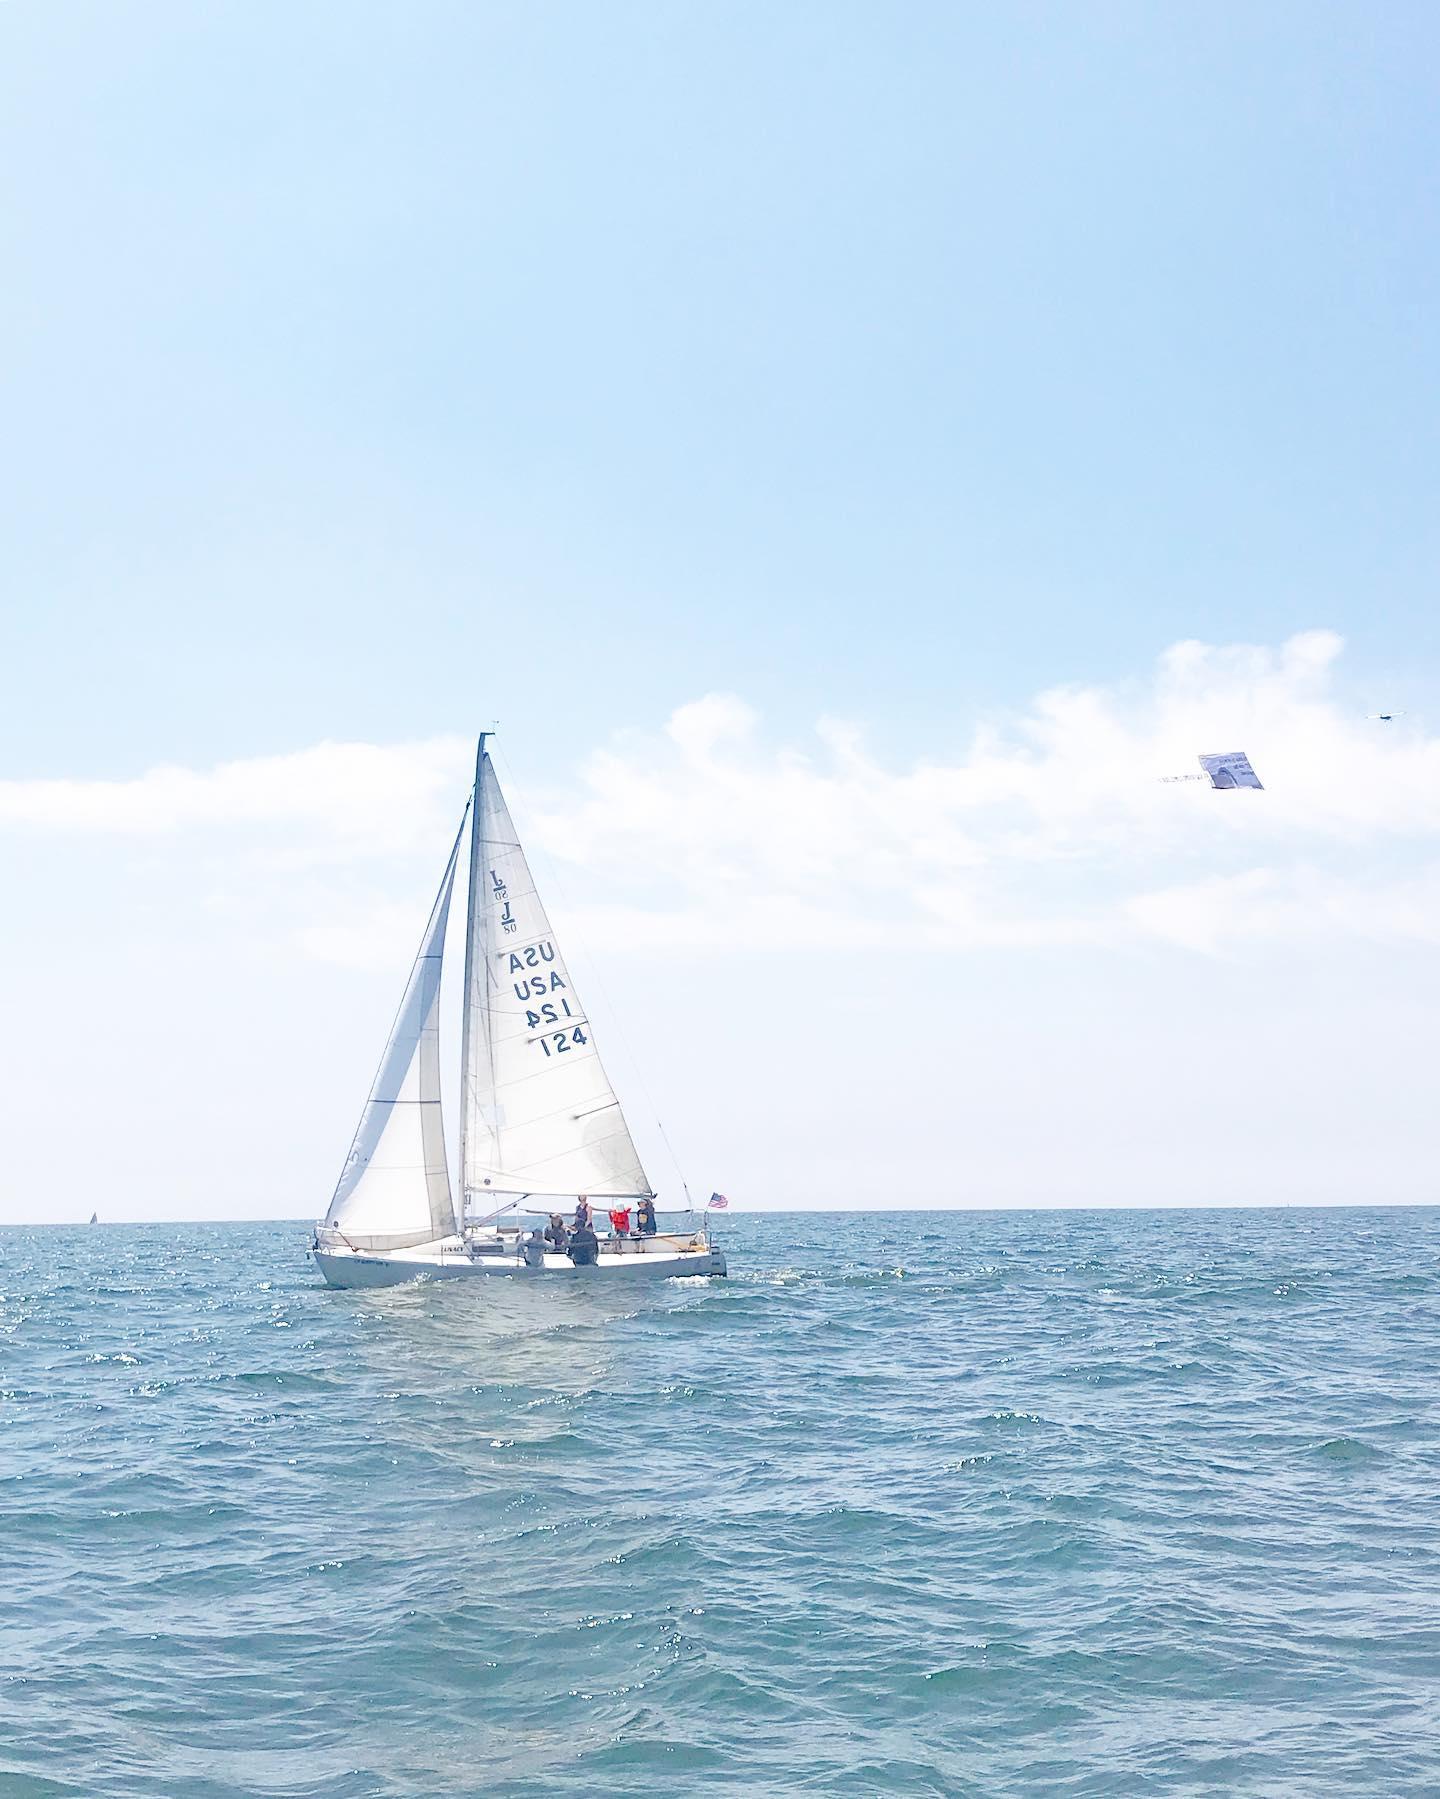 ASA 101 Group Sailing Lesson